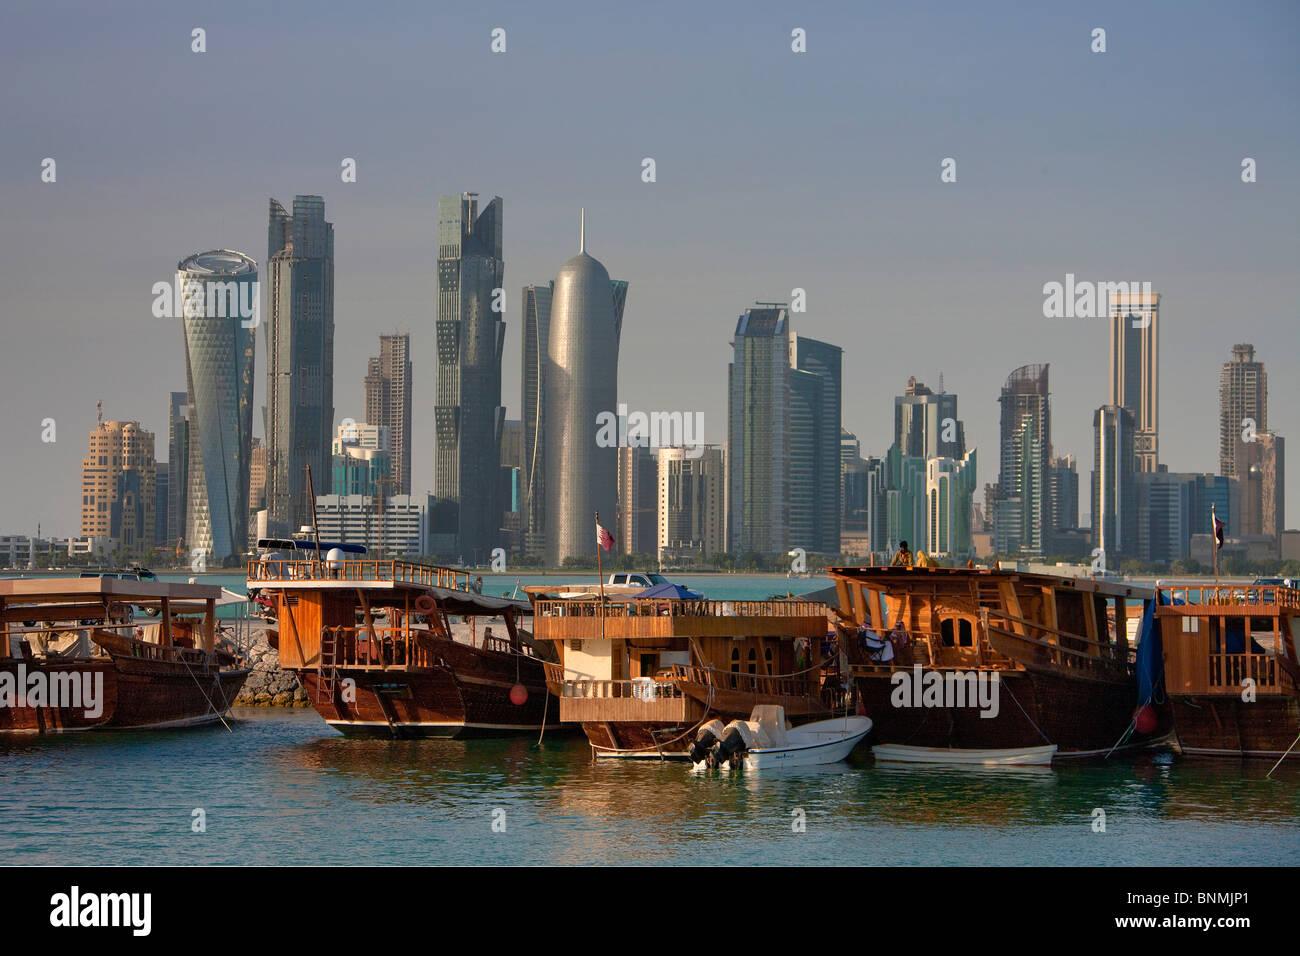 Katar Vereinigte Arabische Emirate Architektur Wohnblock High-Rise Gebäude Doha Skyline Wohnblöcke Hochhäuser Stockbild